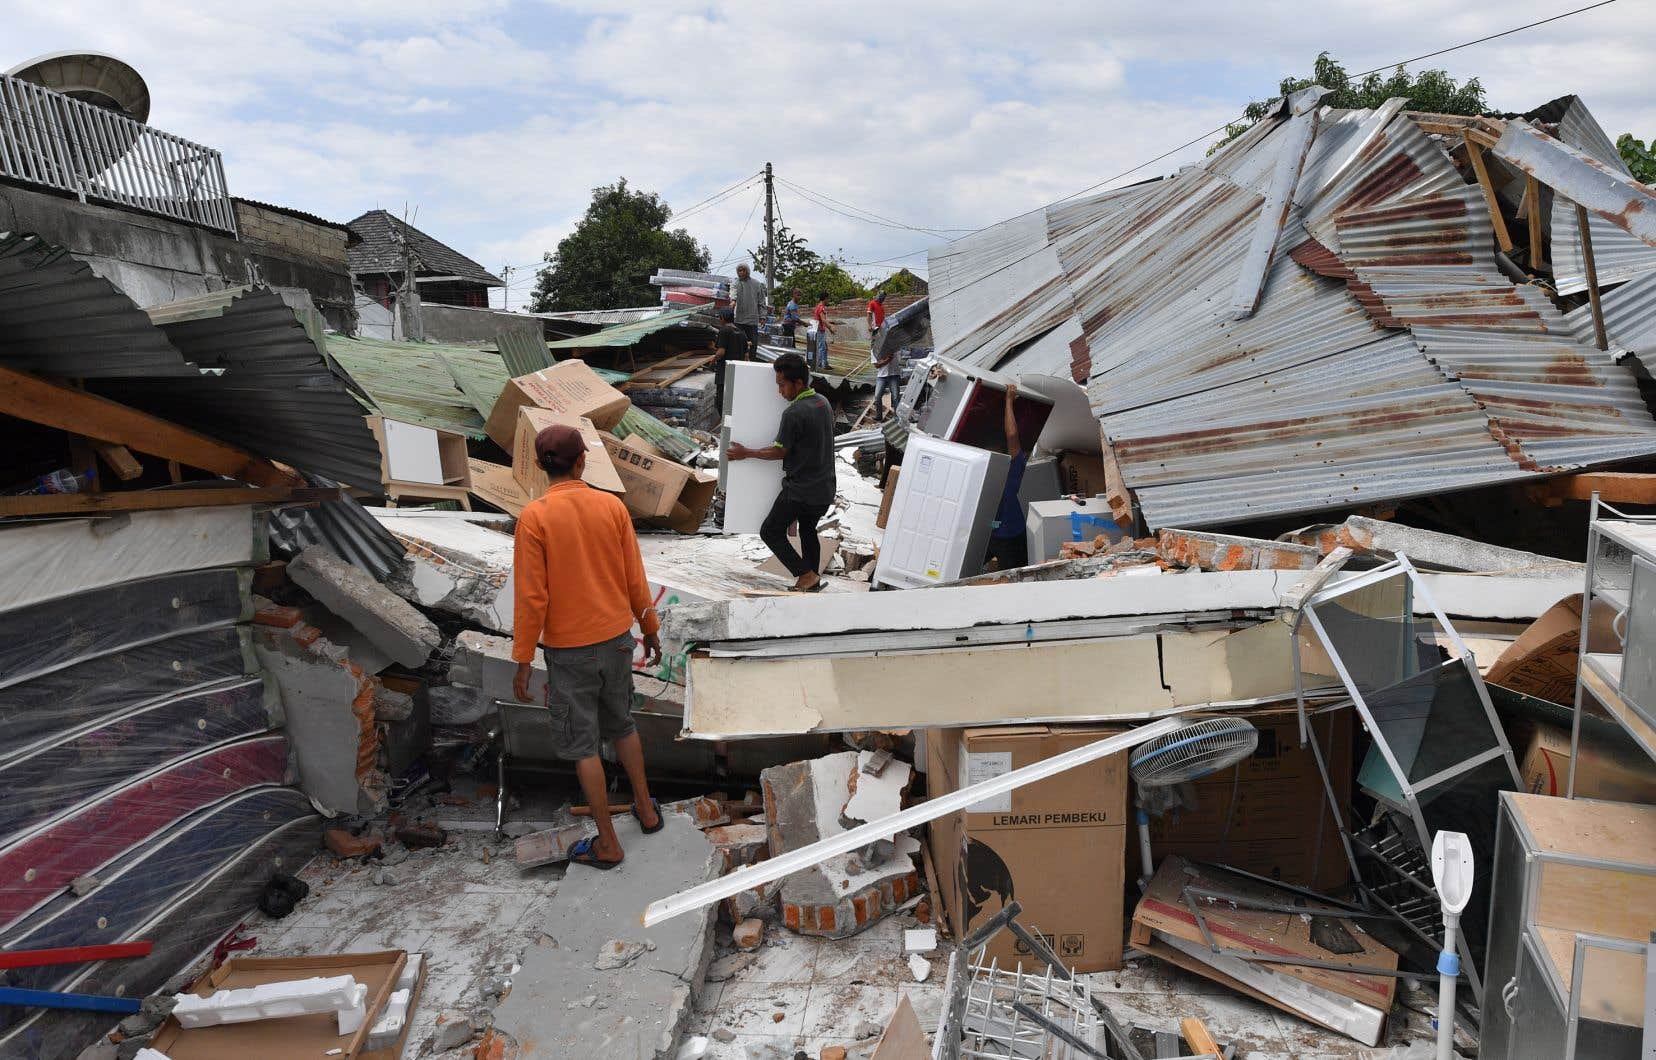 Des dizaines de milliers de maisons ont été endommagées par le séisme, selon les autorités.